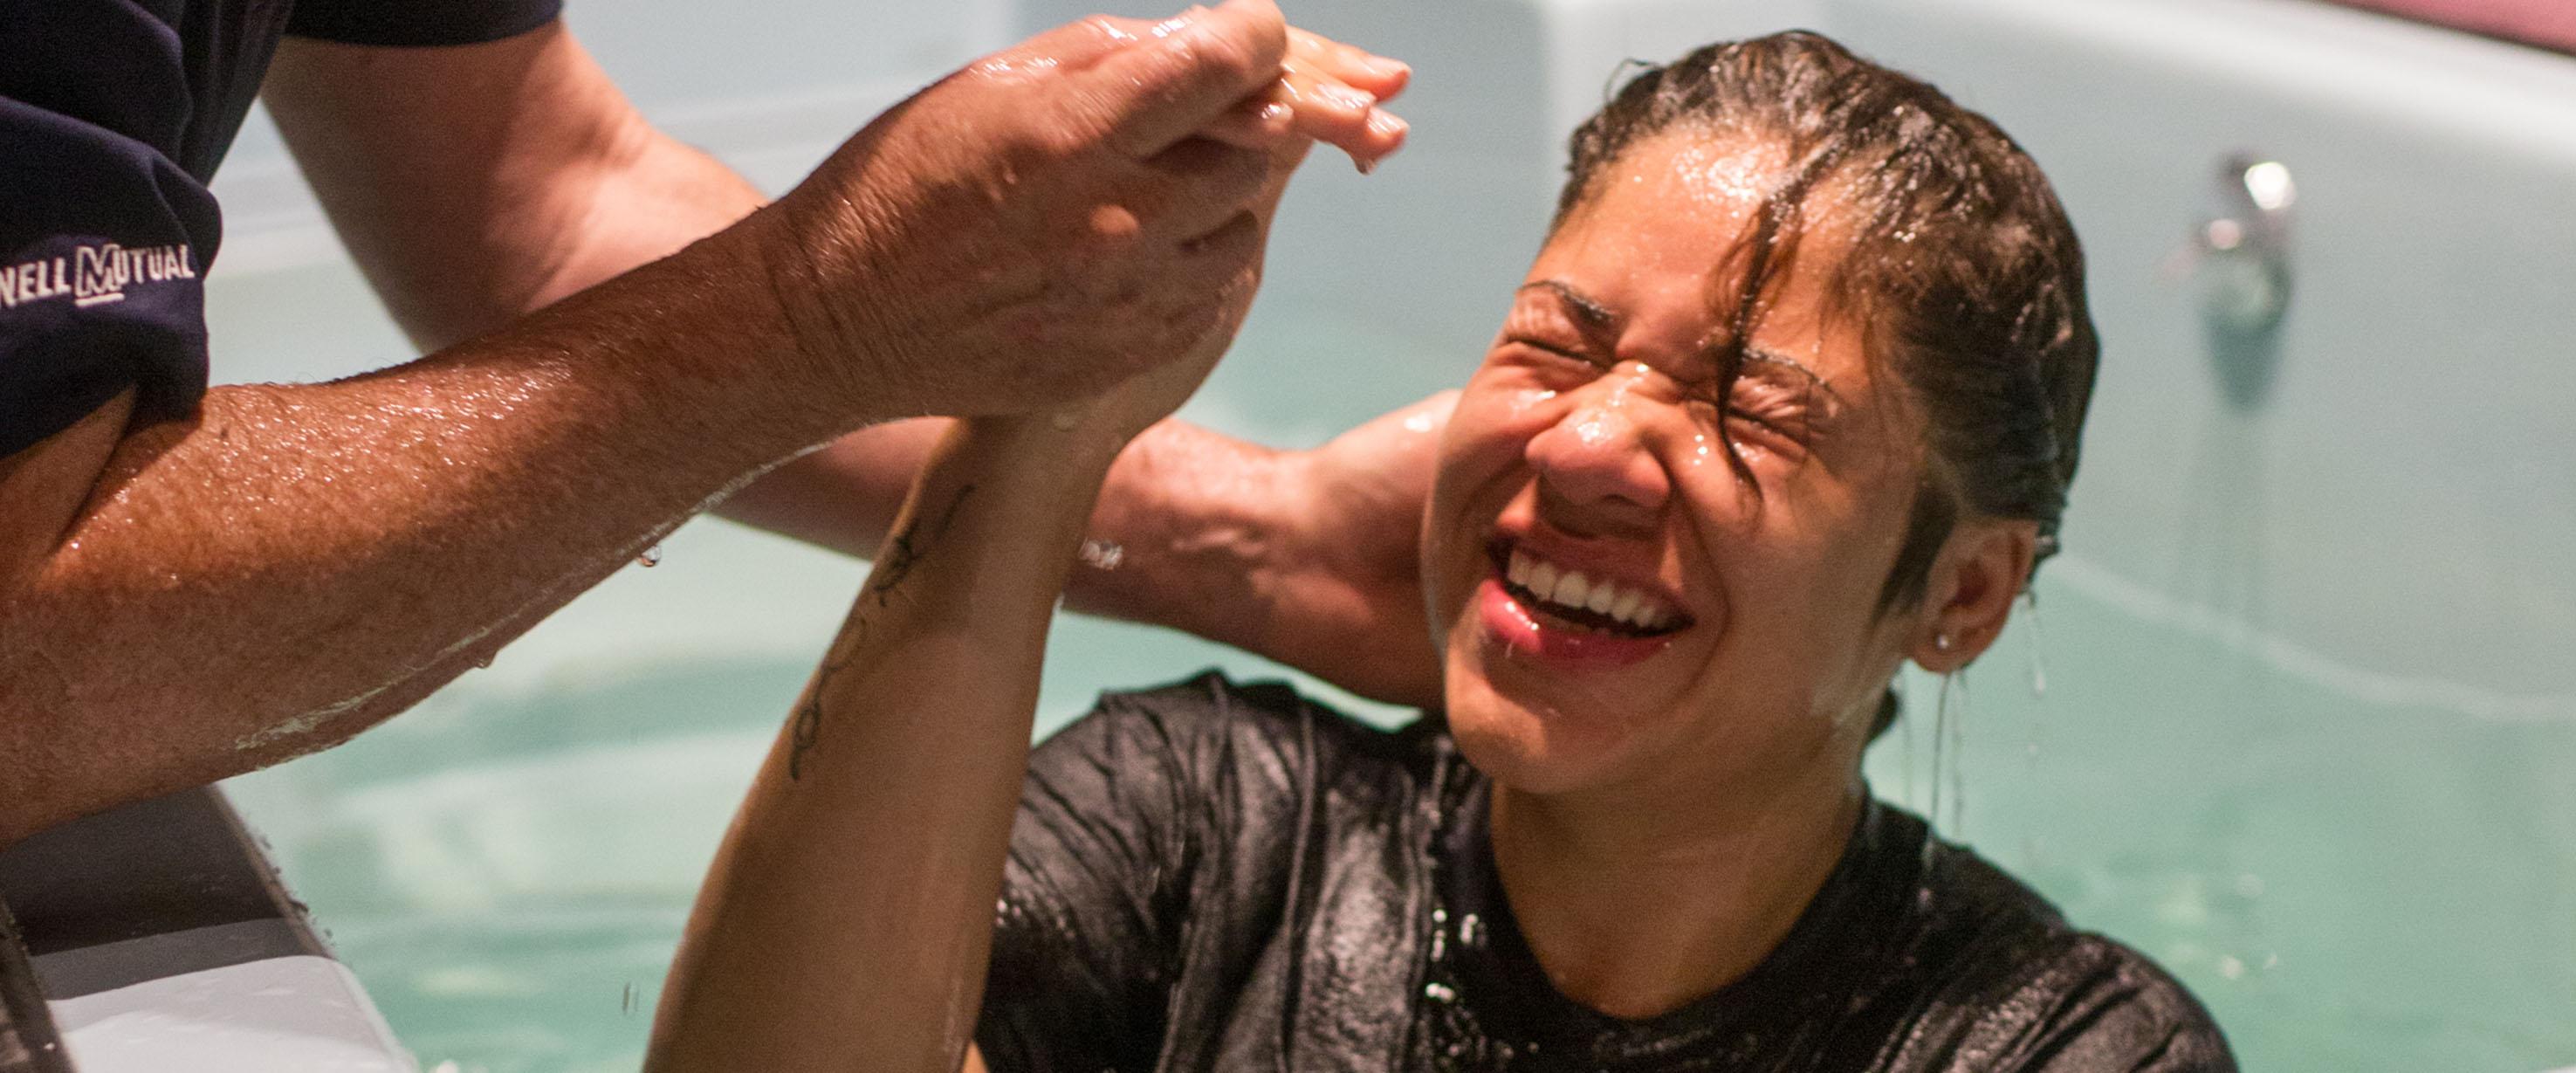 ocbaptism2